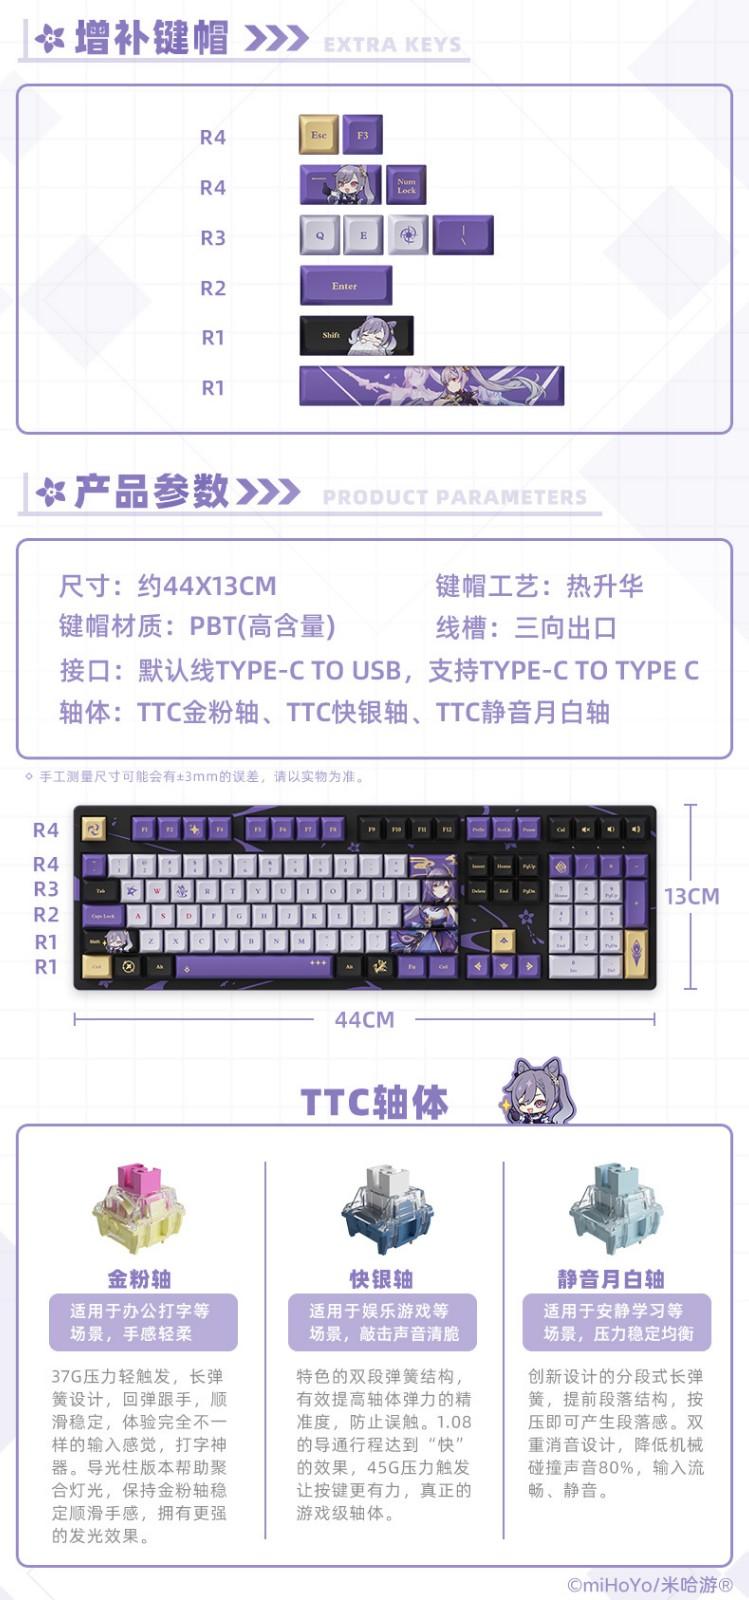 《原神》旗舰店上架周边机械键盘 售价868元